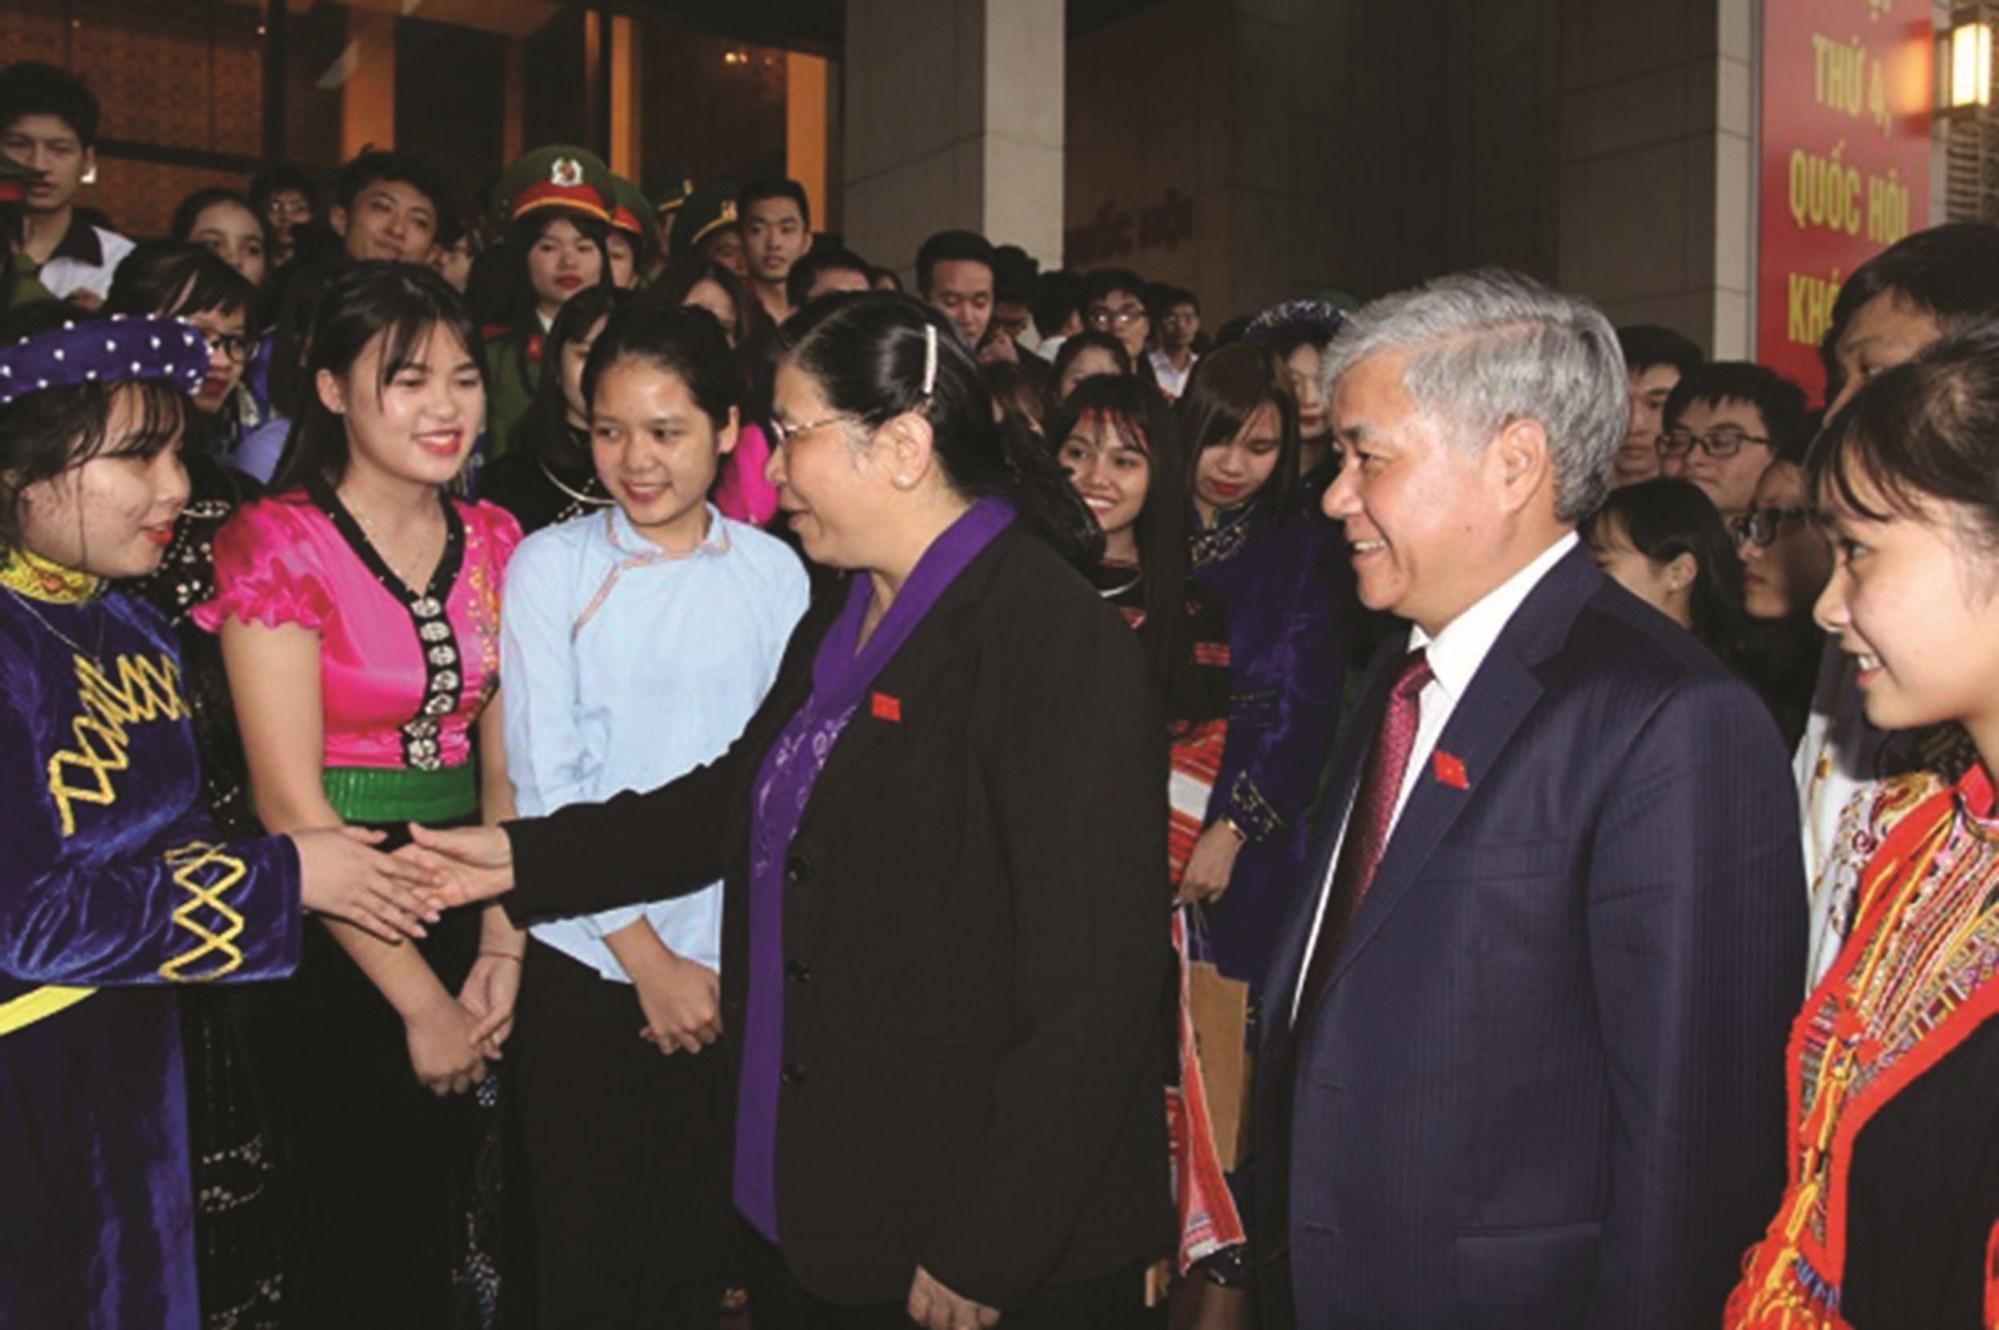 Phó Chủ tịch Quốc hội Tòng Thị Phóng và Bộ trưởng, Chủ nhiệm UBDT Đỗ Văn Chiến gặp gỡ các em trong khuôn khổ Lễ Tuyên dương học sinh, sinh viên DTTS xuất sắc, tiêu biểu năm 2017.